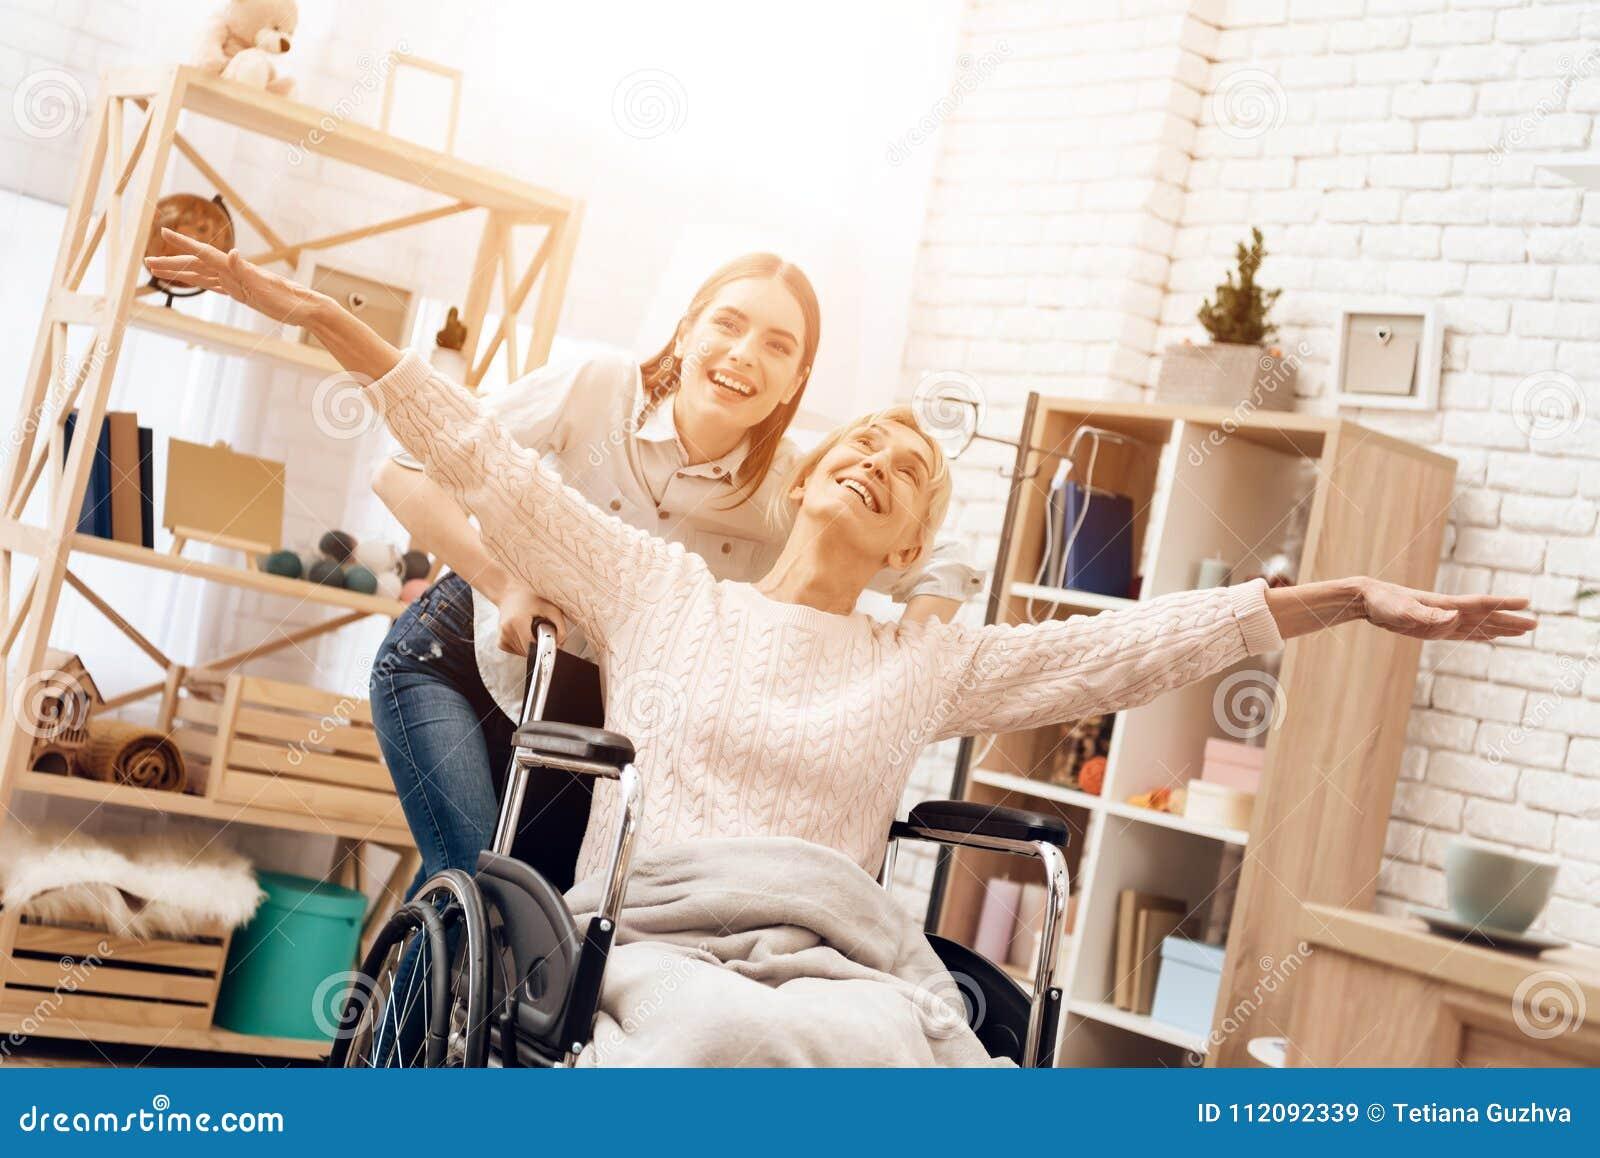 Το κορίτσι περιποιείται την ηλικιωμένη γυναίκα στο σπίτι Το κορίτσι οδηγά τη γυναίκα στην αναπηρική καρέκλα Η γυναίκα αισθάνεται